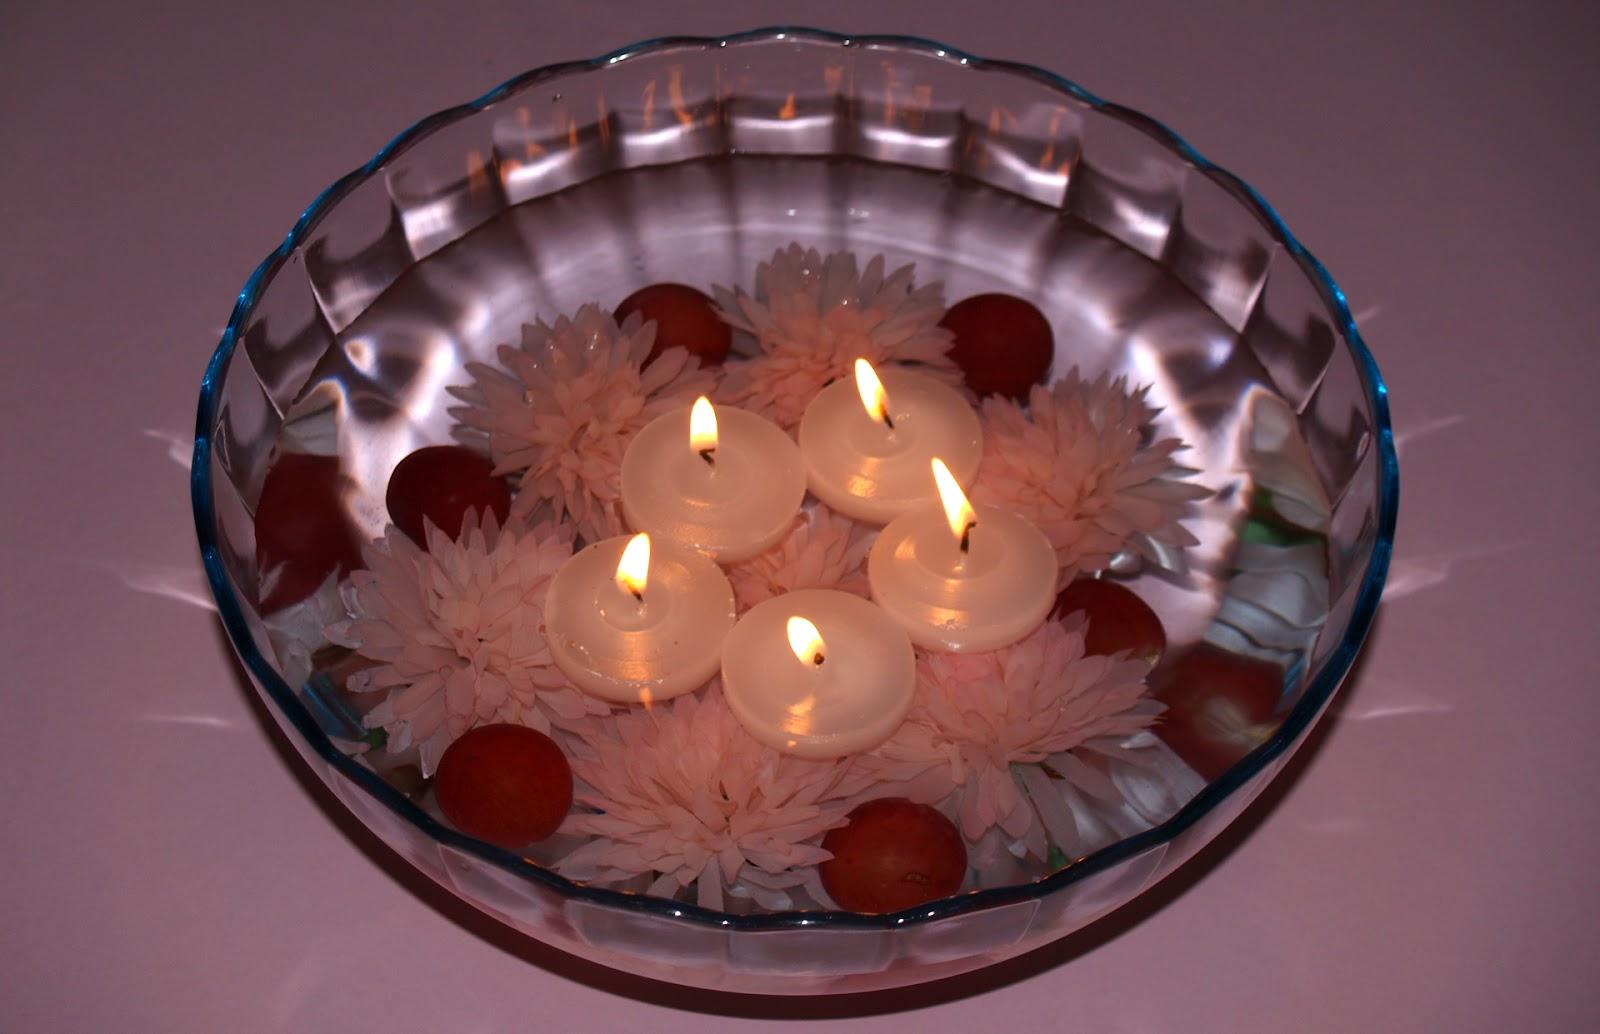 Centro de mesa con flores y frutas